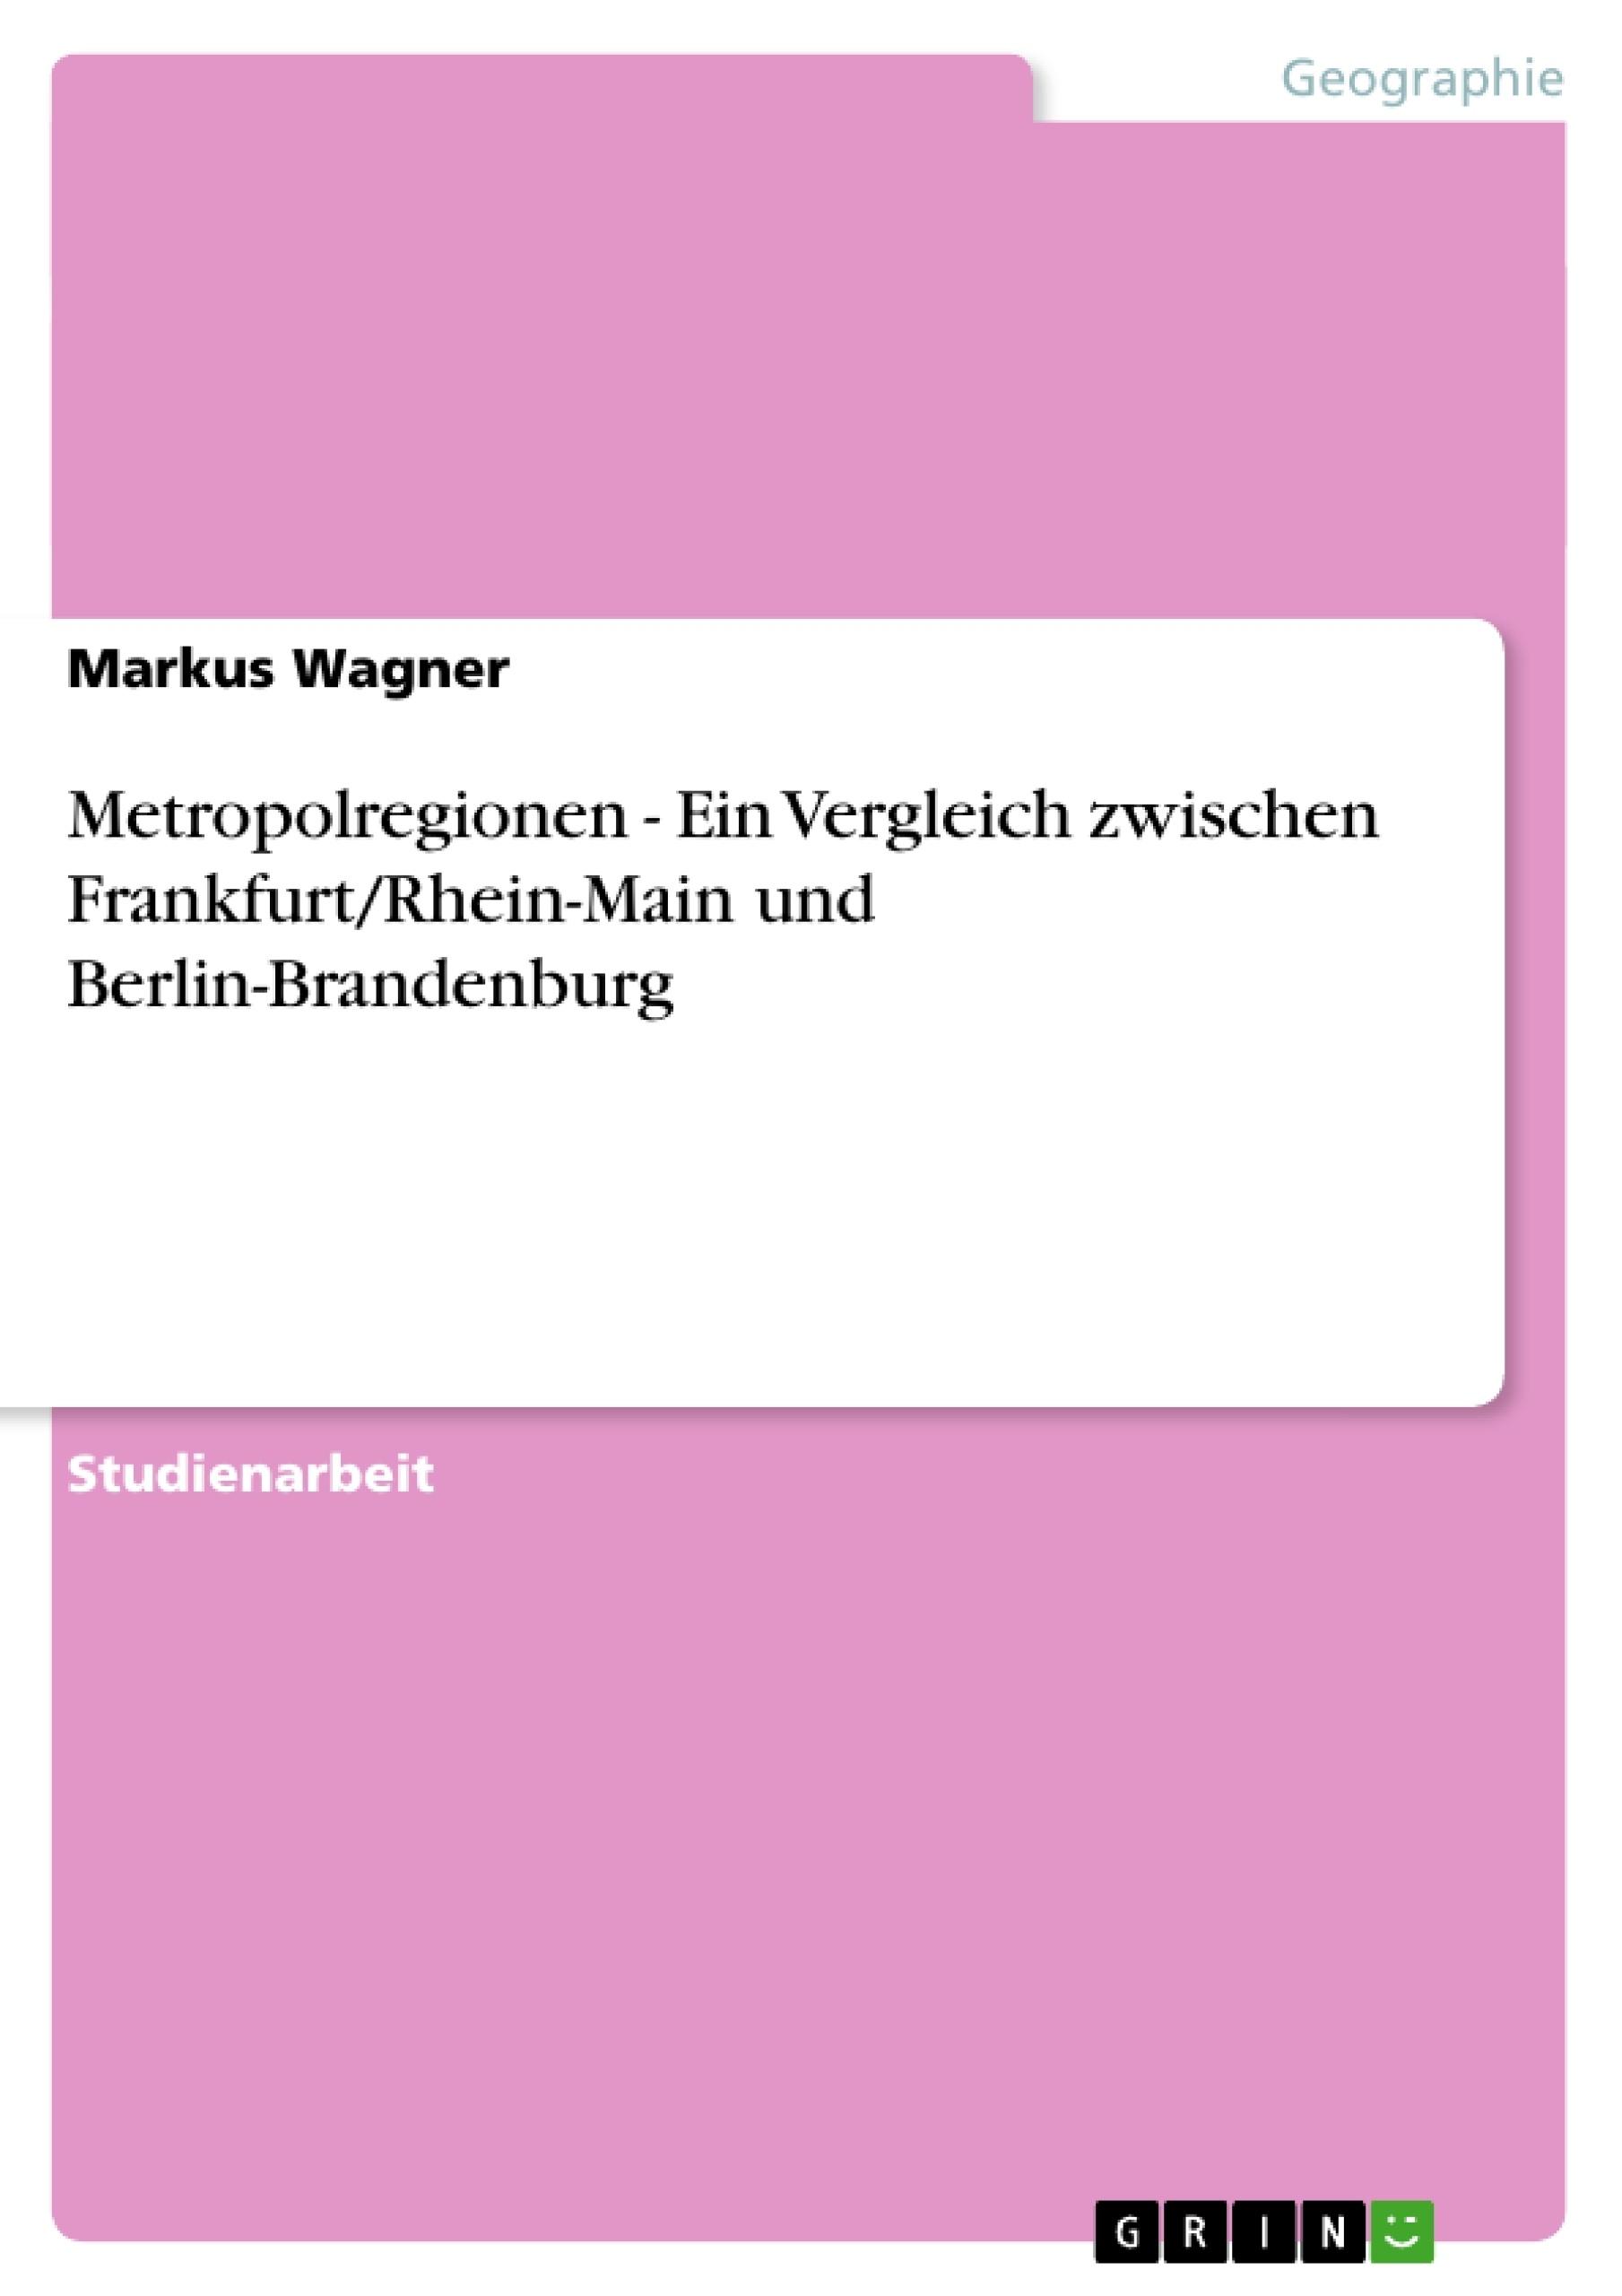 Titel: Metropolregionen - Ein Vergleich zwischen Frankfurt/Rhein-Main und Berlin-Brandenburg